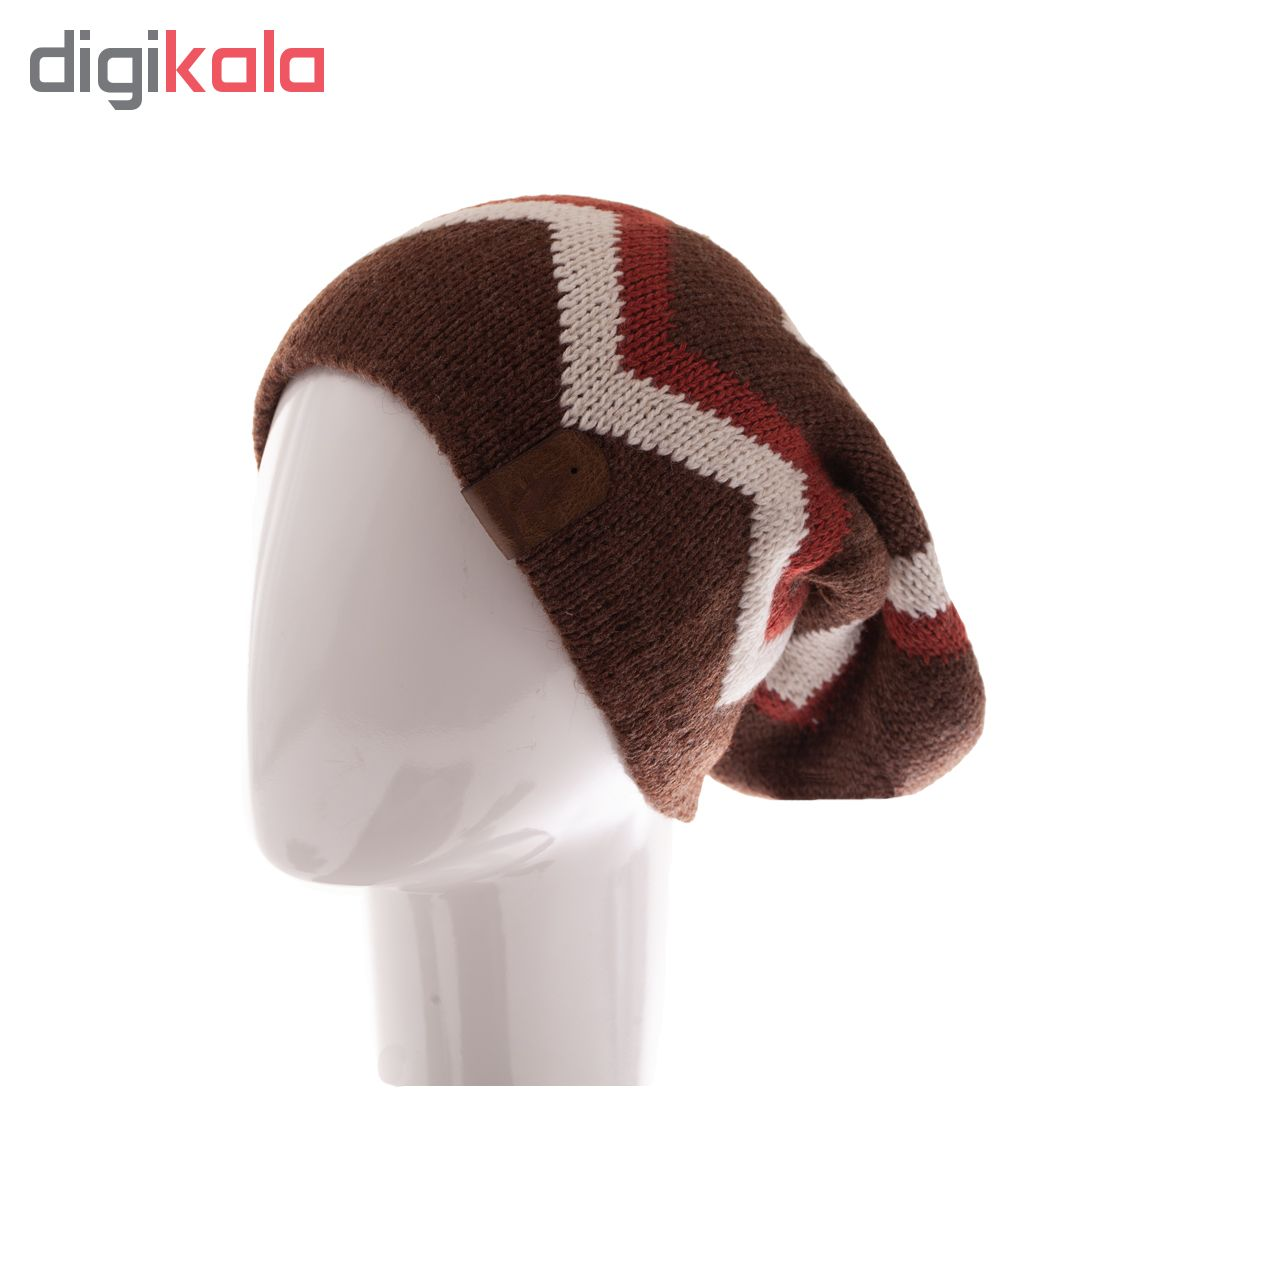 ست کلاه شال گردن و دستکش  تارتن مدل 320 رنگ قهوه ای